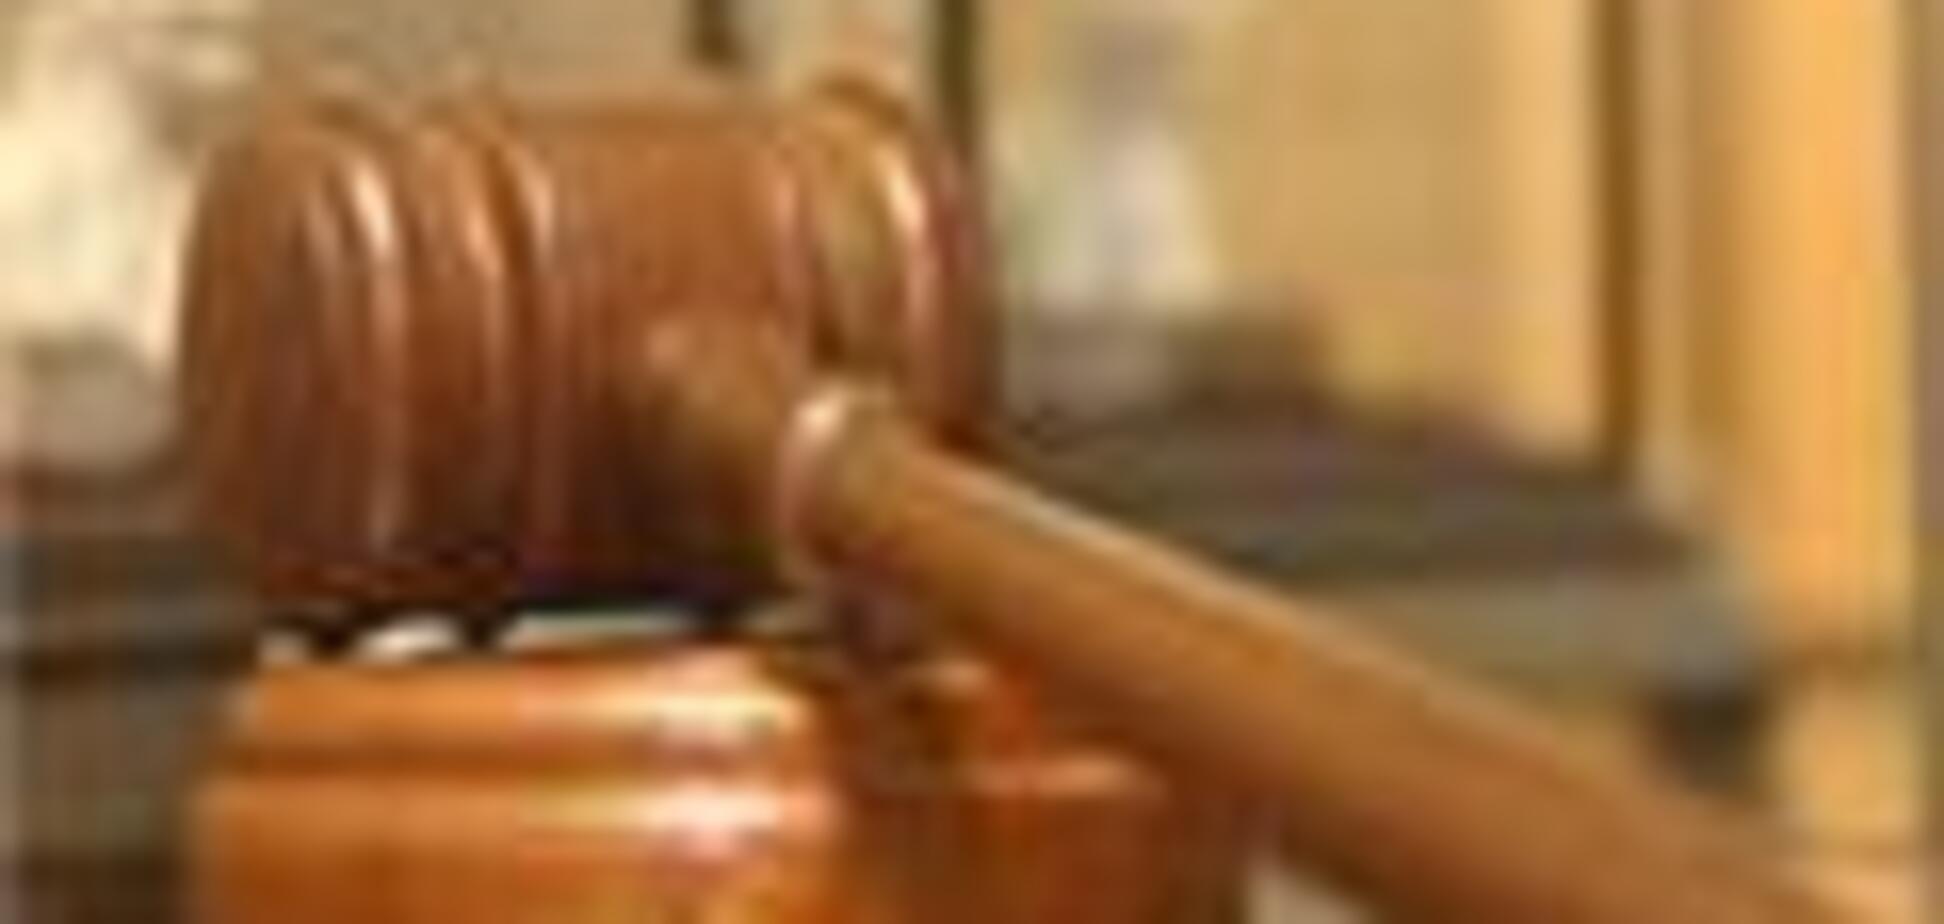 Еще один председатель районного суда  попался на взятке